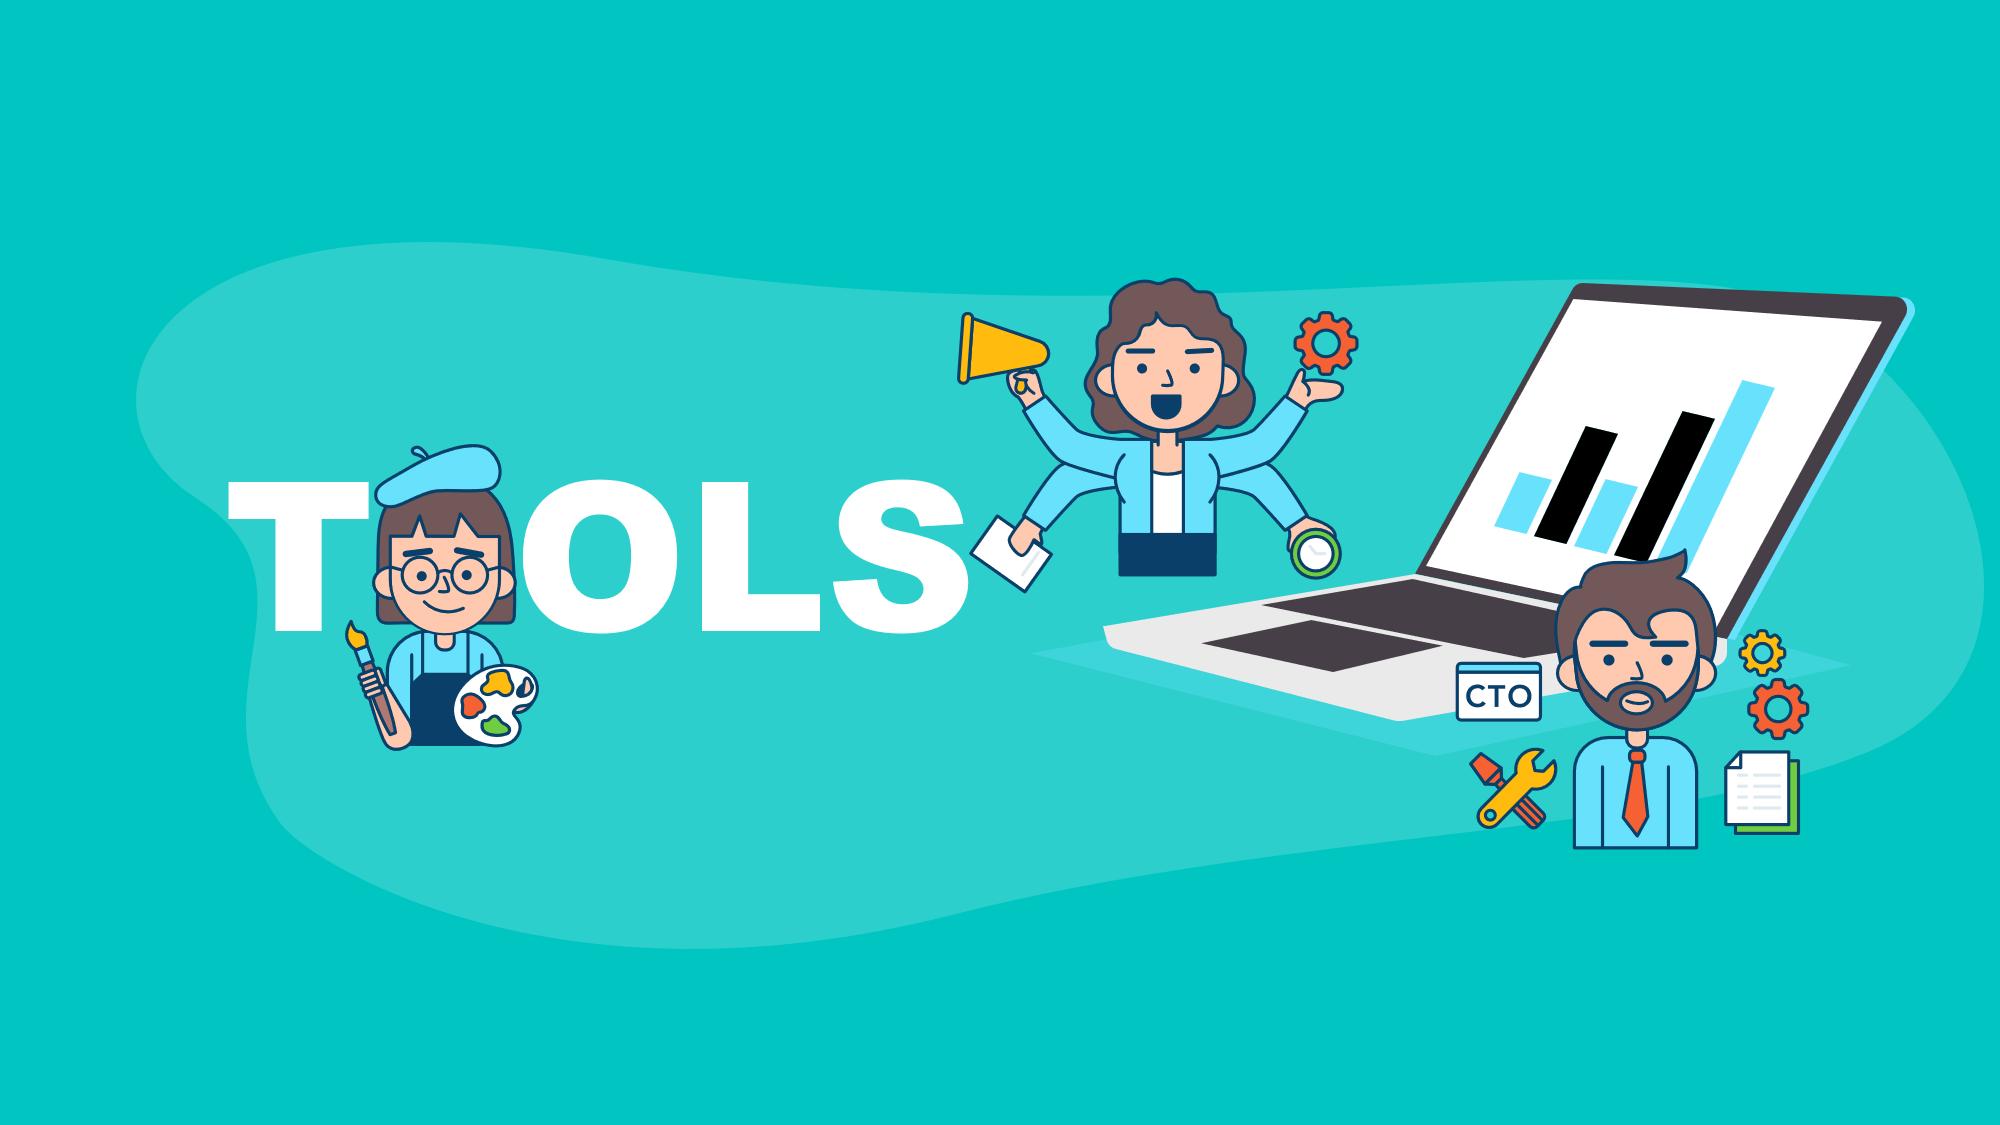 11 tools marketing digitale